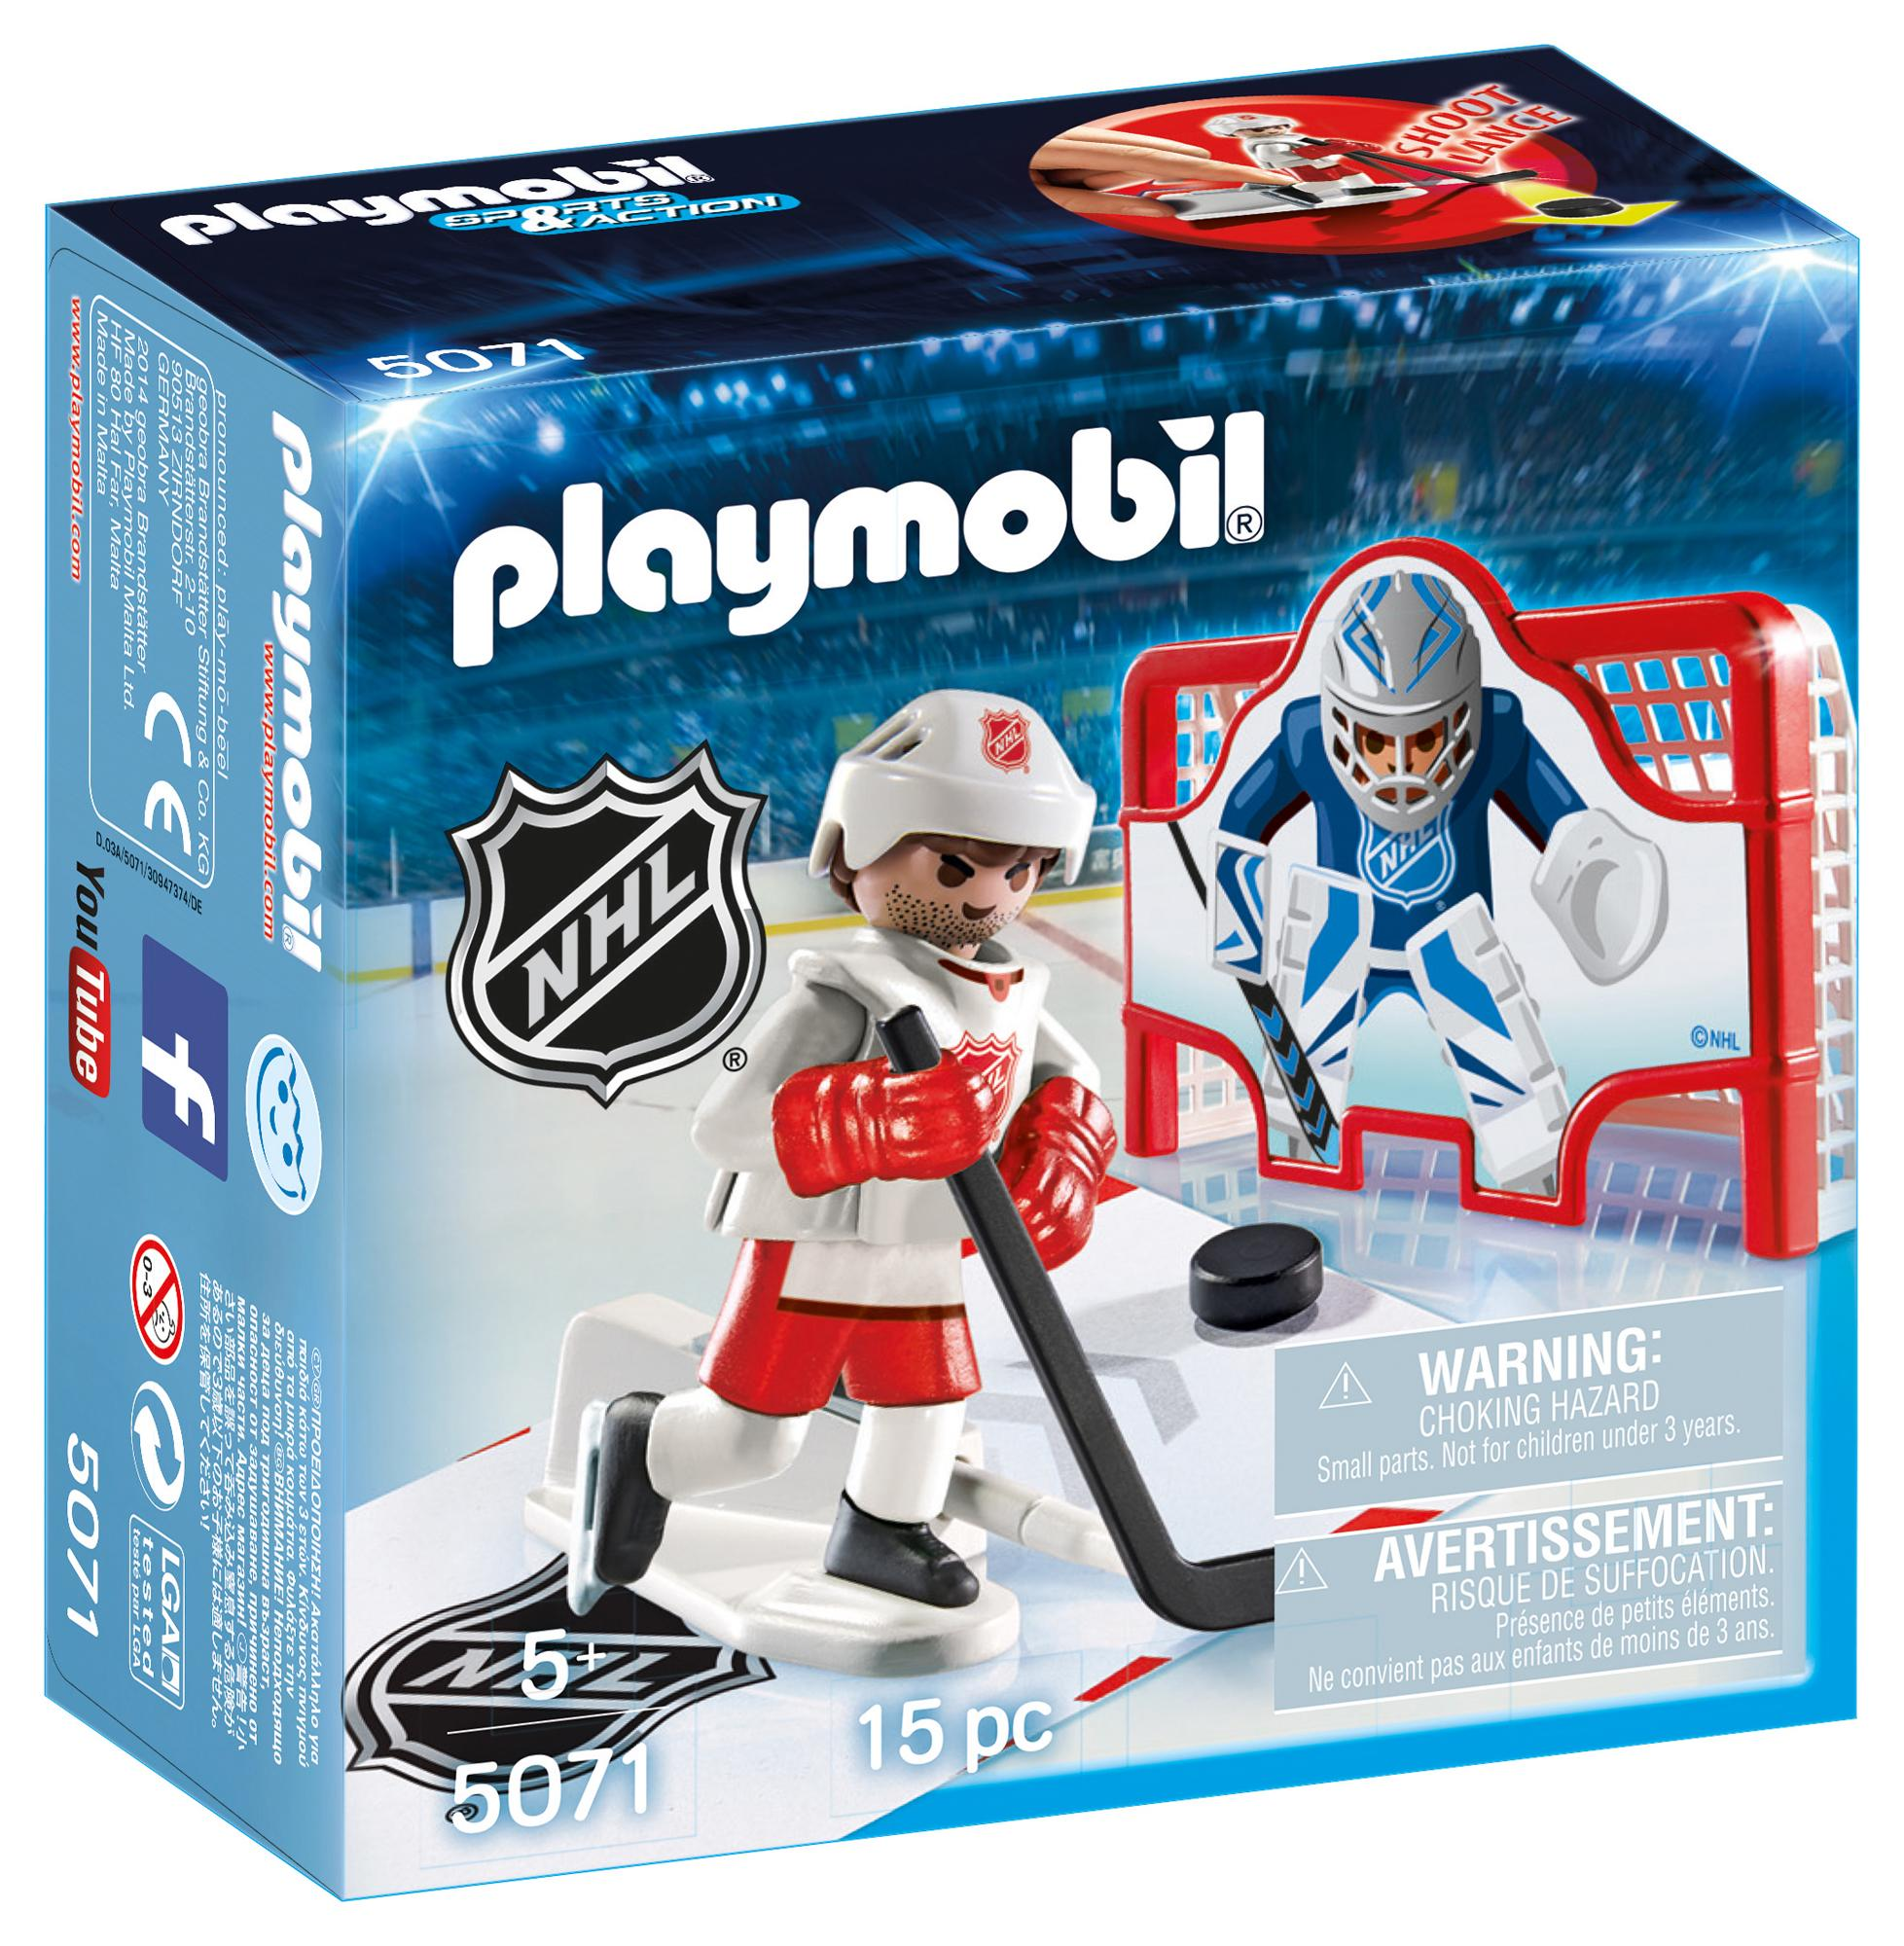 Amazon.com: PLAYMOBIL NHL Shooting Pad: Toys & Games